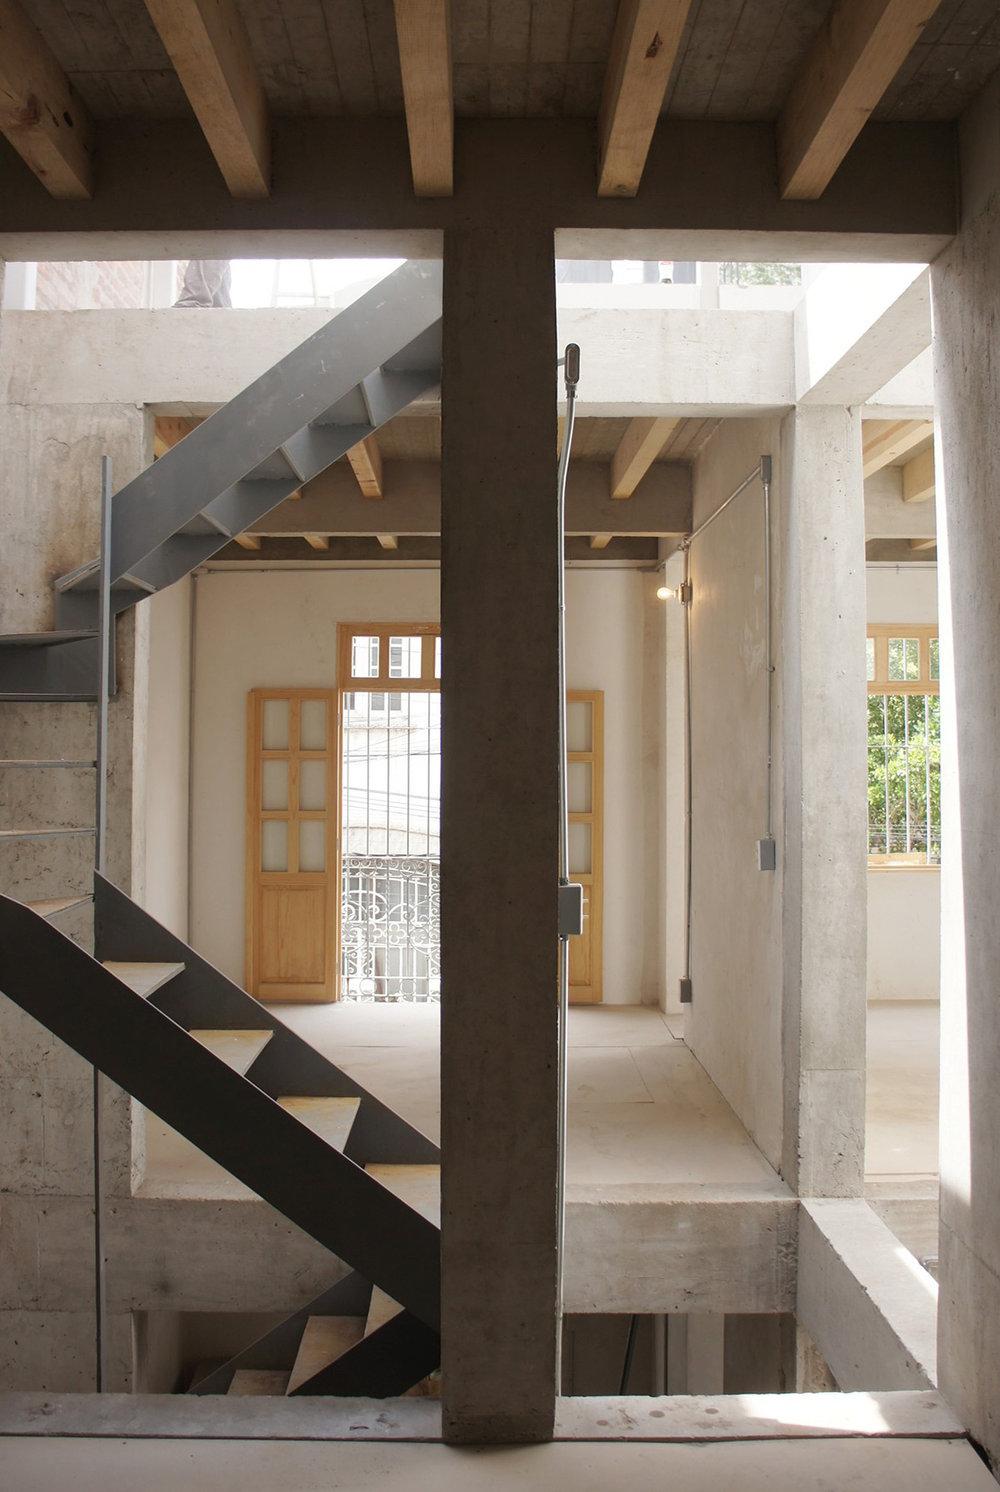 CASA TAPACHULA   Ciudad de México  Cliente: CampoTaller  Obra: 2014  Restructuración de vivienda de 80 años de antiguedad, mediante la inclusión de muros de concreto, reforzamiento de muros de mampostería, crecimiento en azotea con estructura ligera de madera y acero. 100 m2 de restructuración y 40m2 de ampliación.